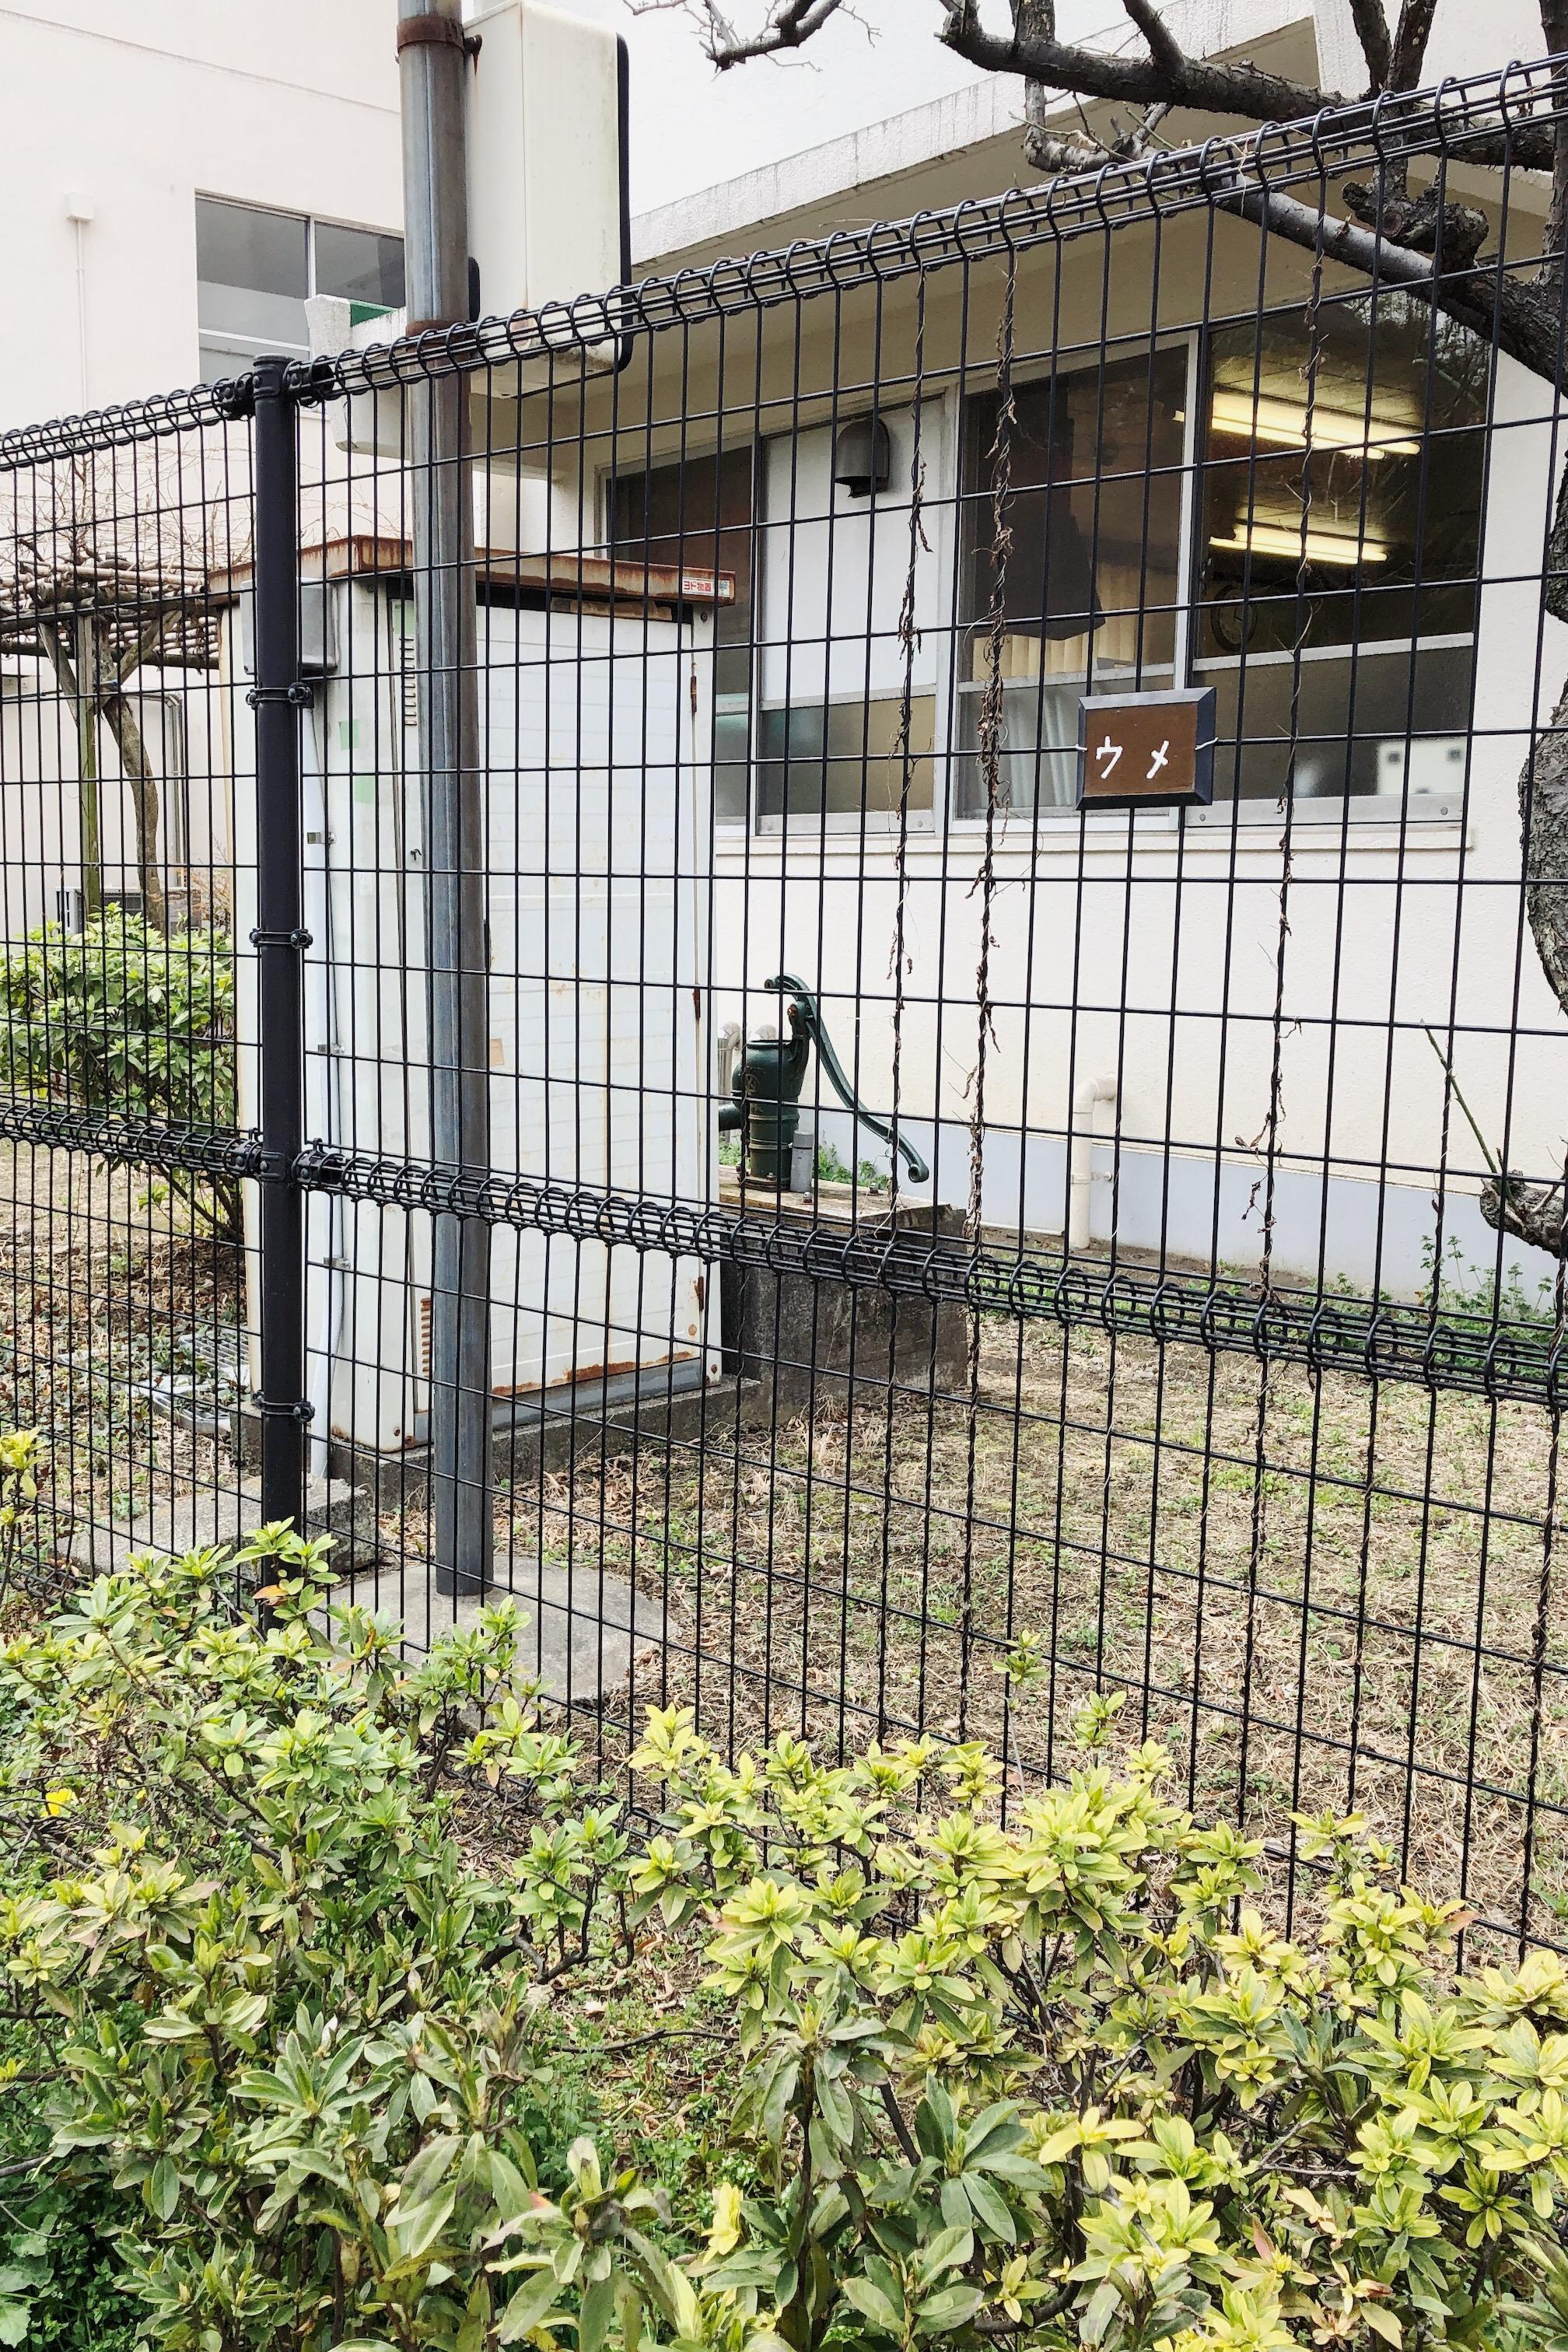 Super Ordinary Life Tokyo Water Pumps 3